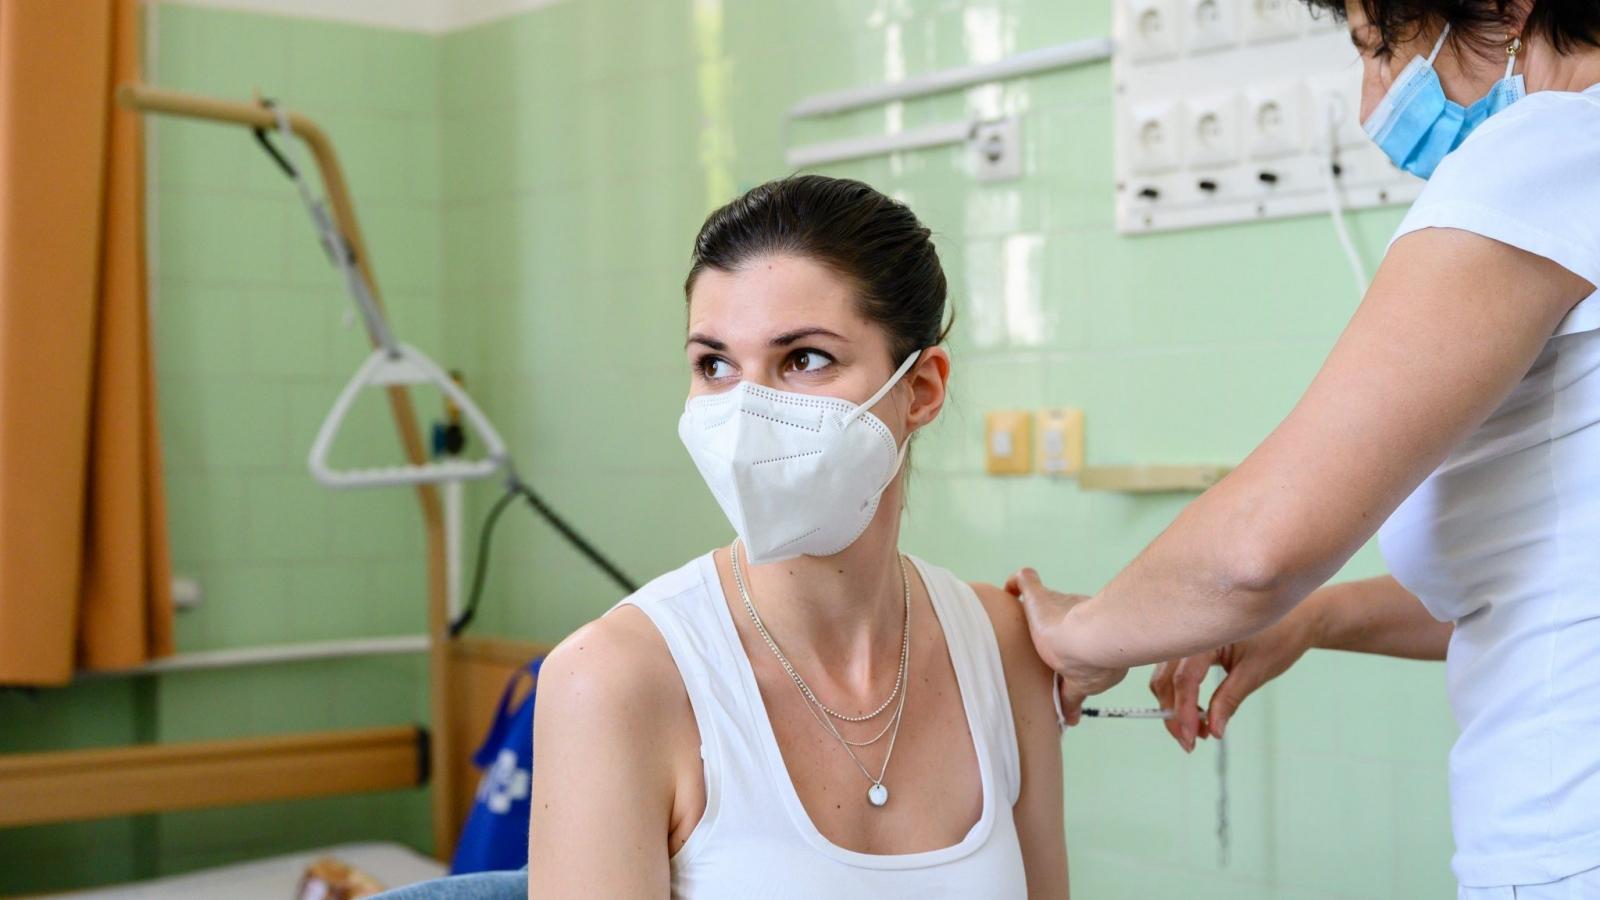 Hungary là quốc gia châu Âu đầu tiên tiêm mũi nhắc lại vaccine ngừa Covid-19